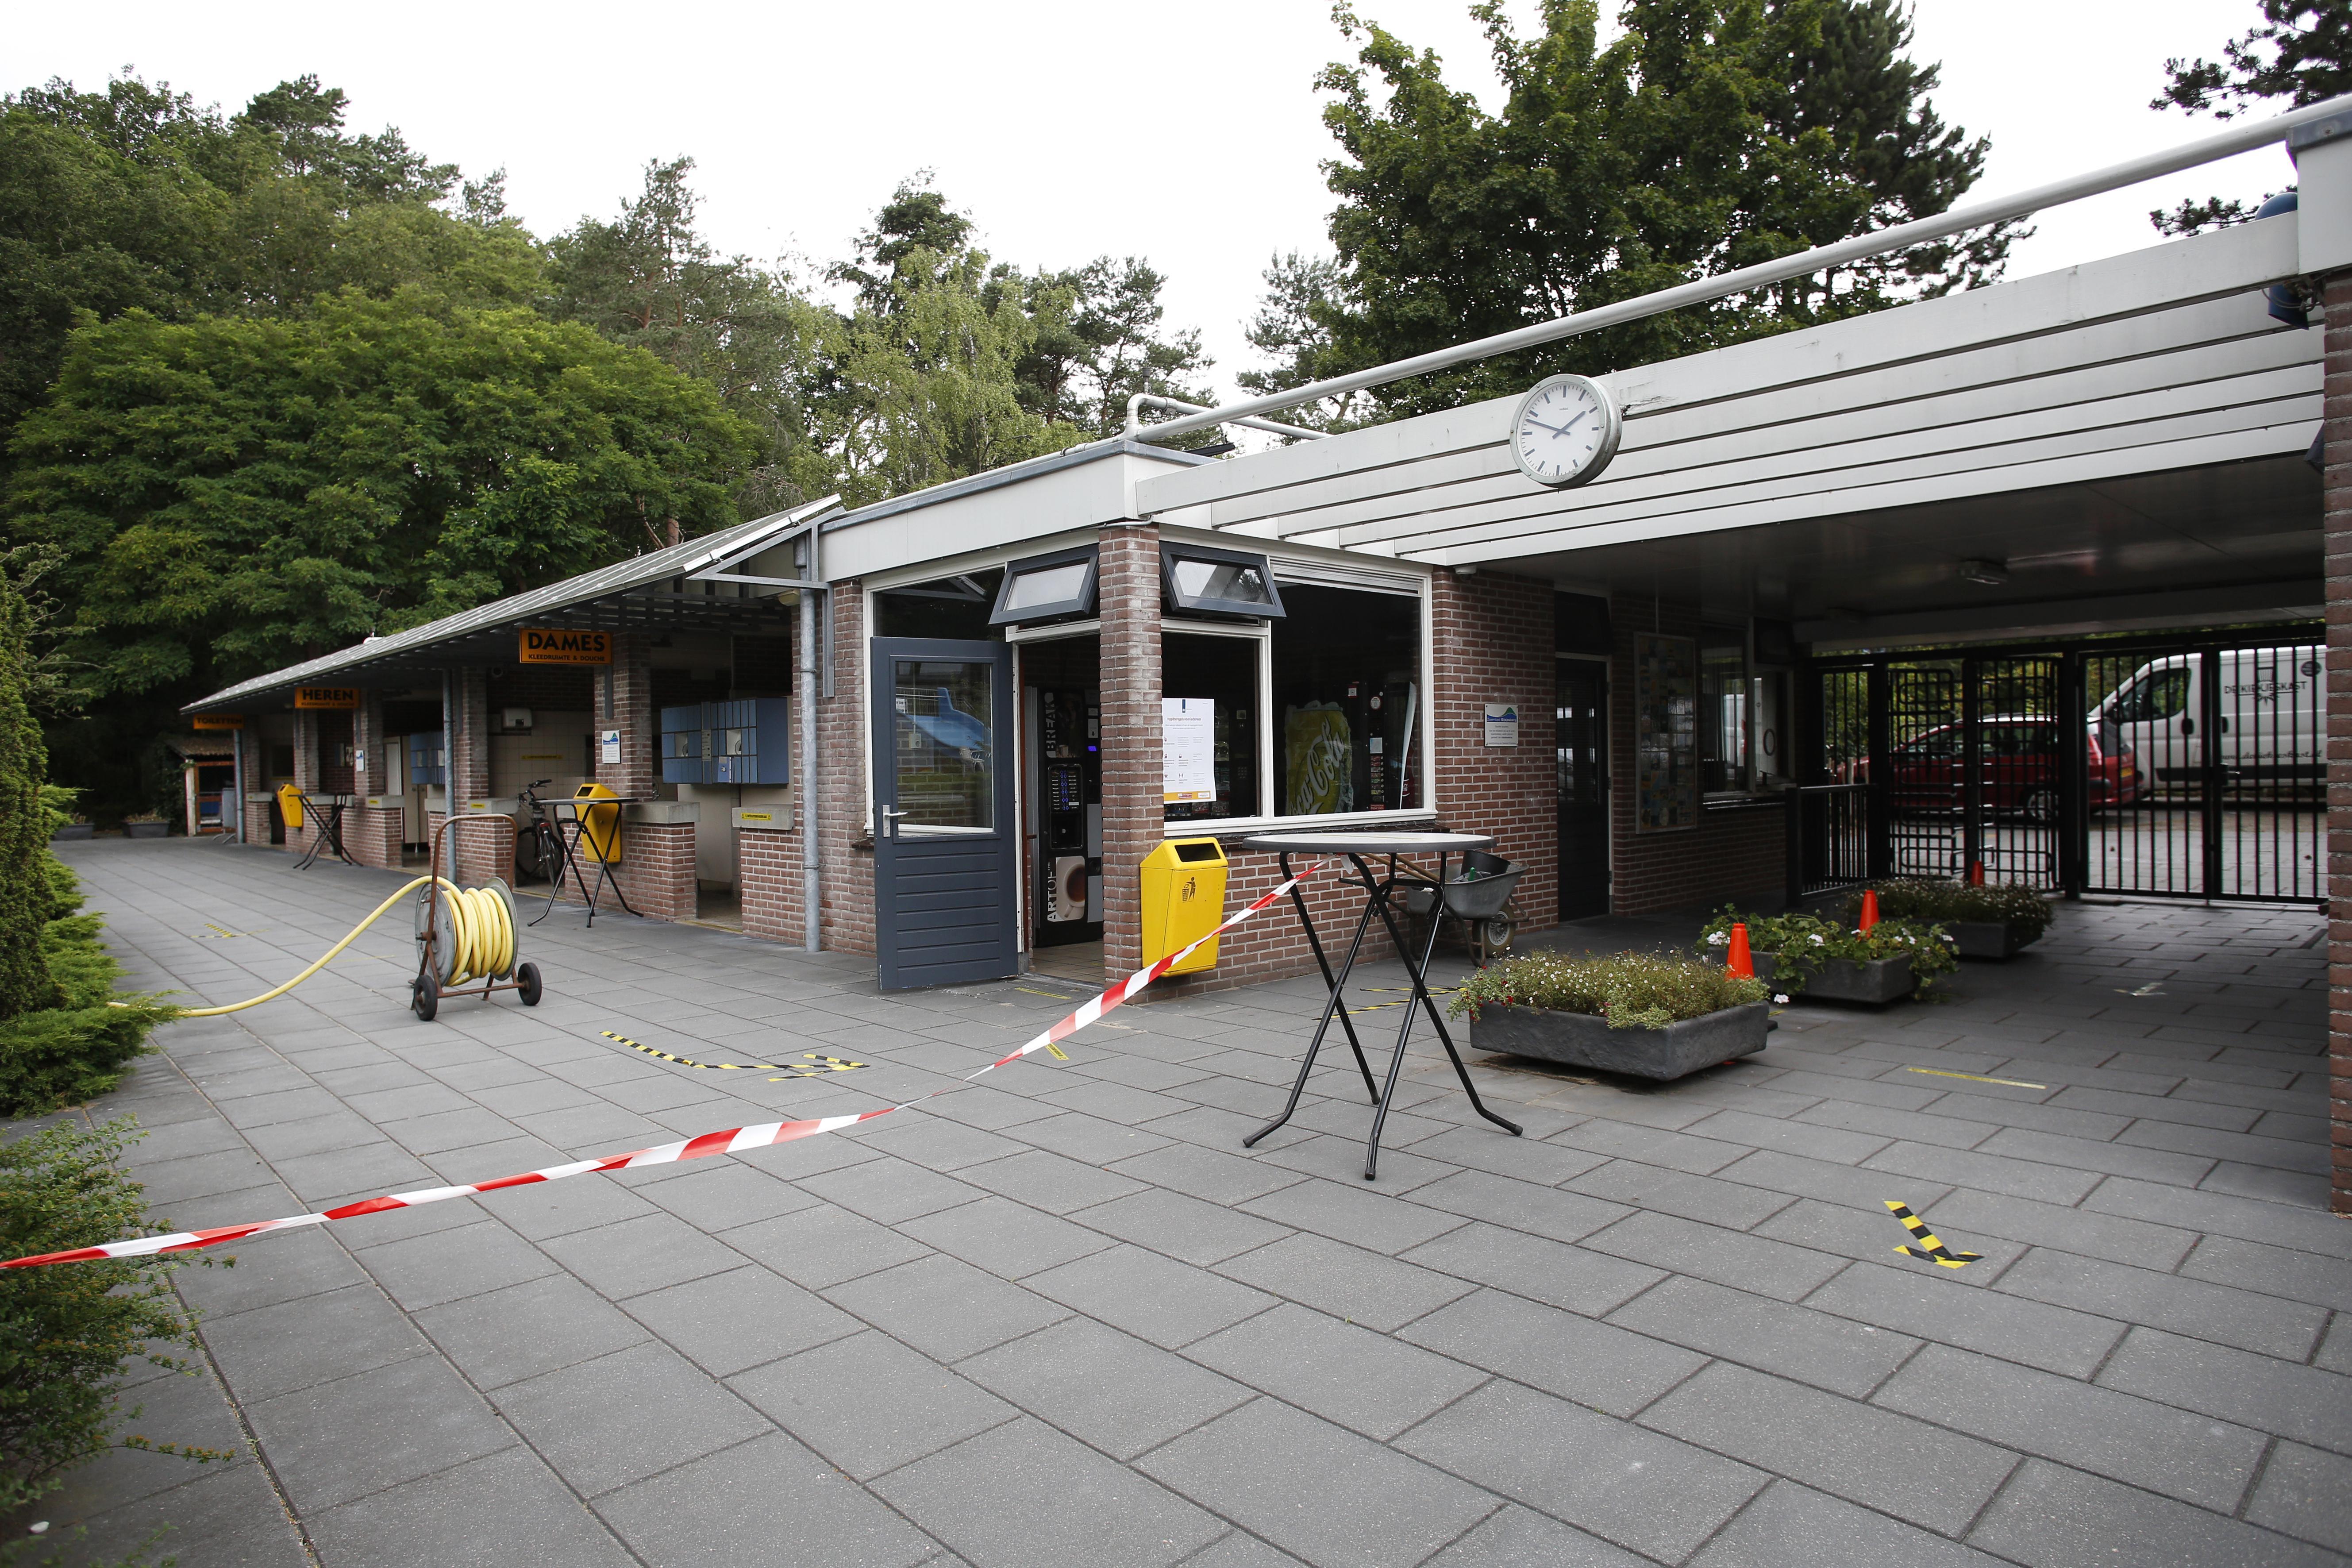 'Kan zwembad Sijsjesberg niet open zodra de verbouwing klaar is', vraagt GroenLinks Huizen zich af